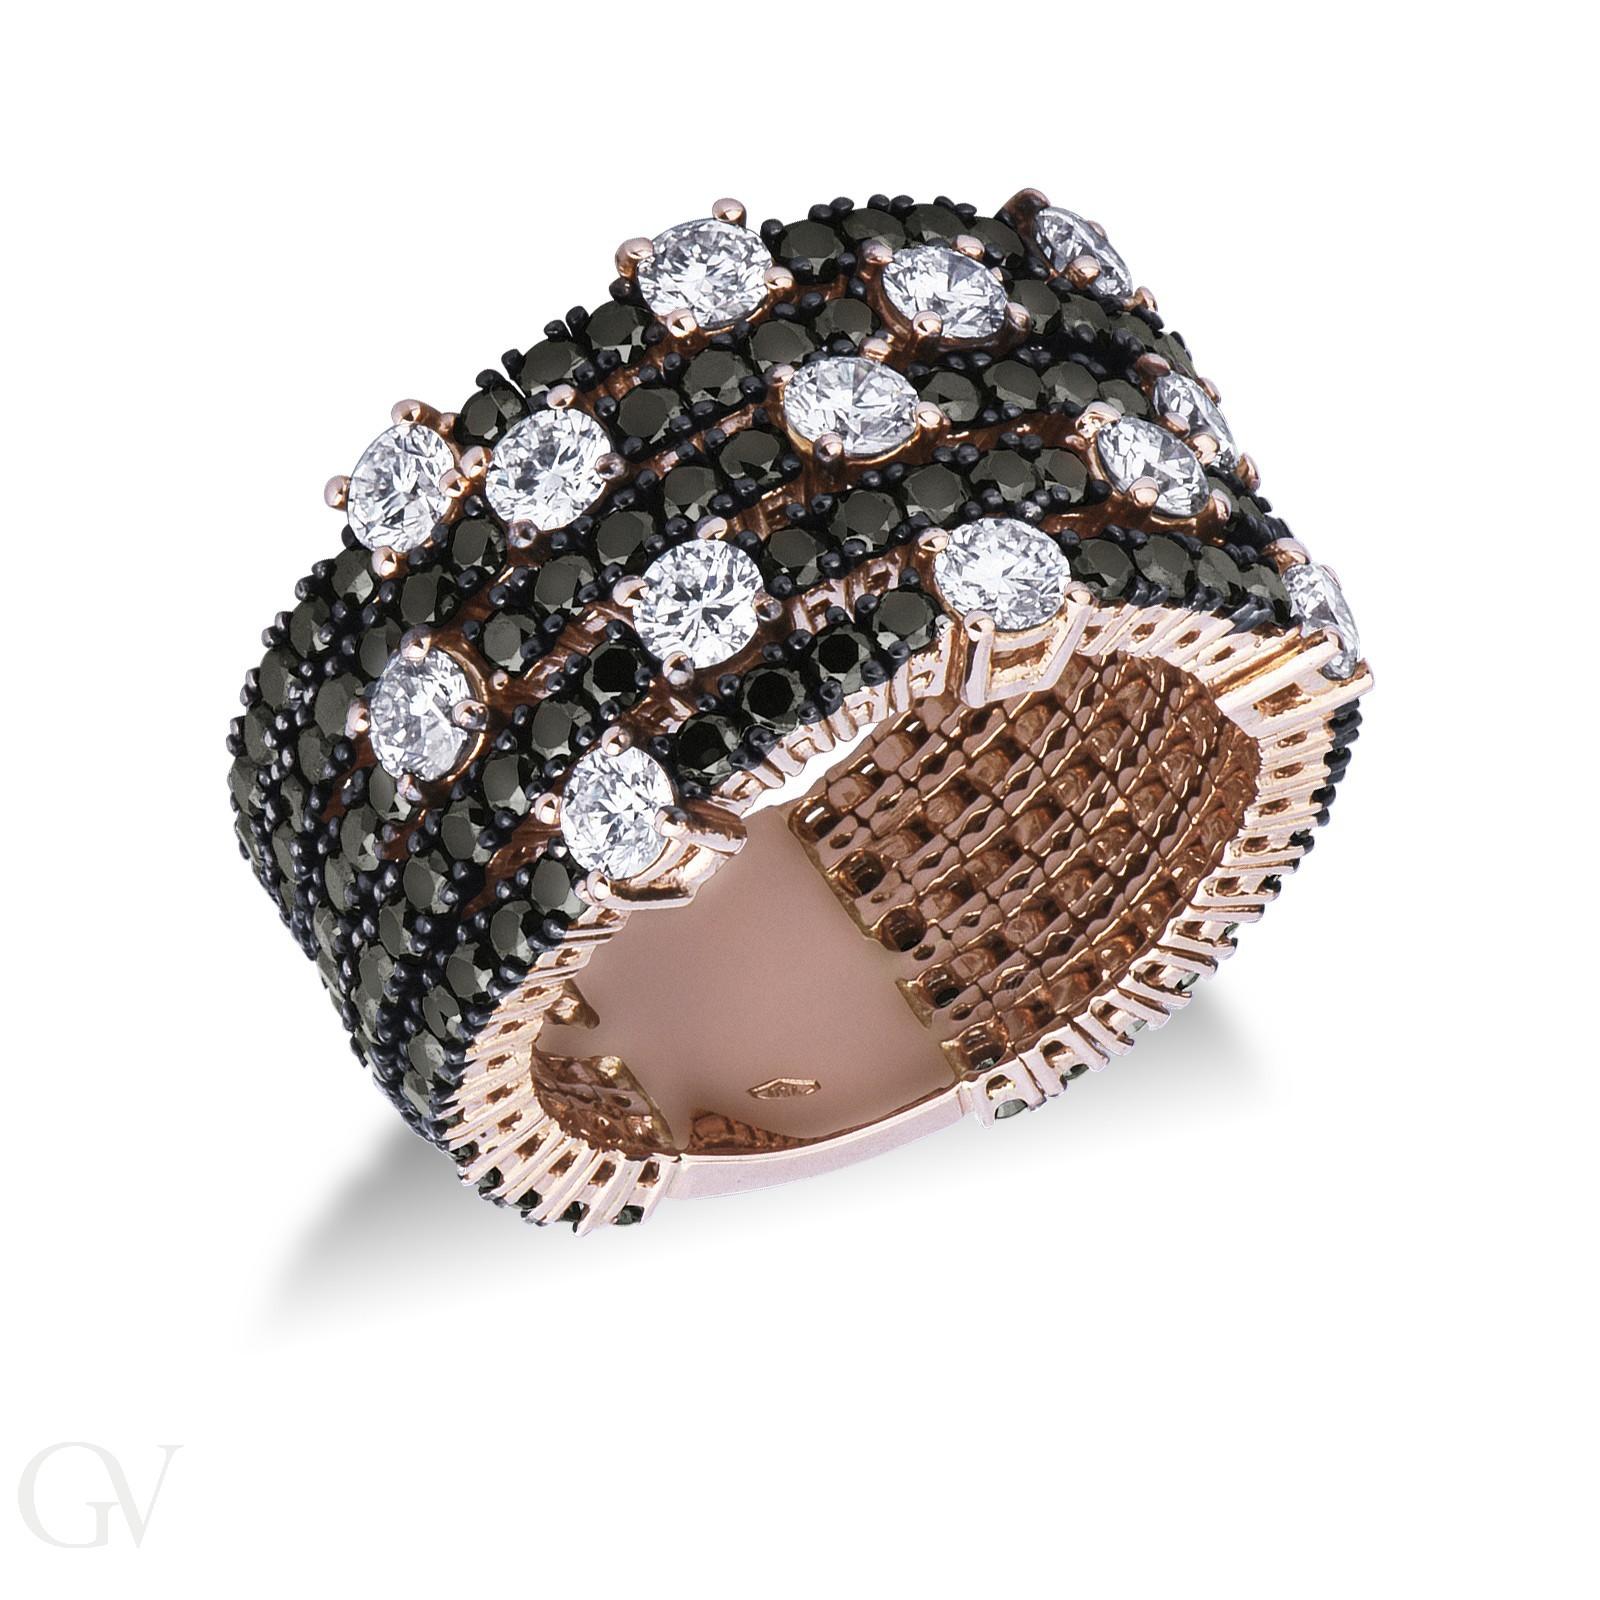 Anello in oro rosa 18k con diamanti neri e bianchi.